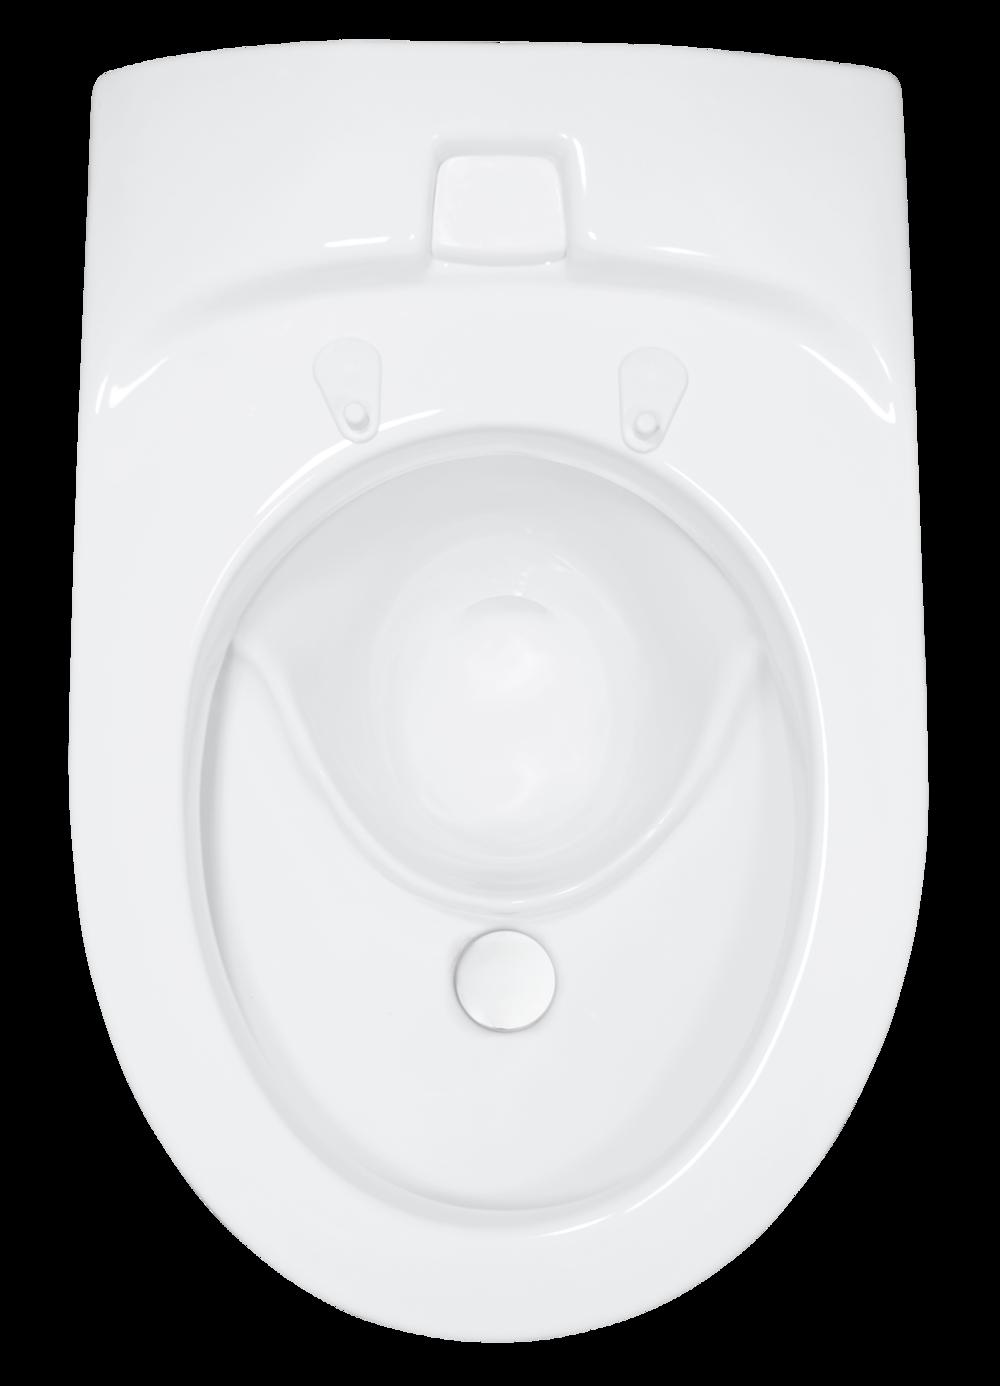 EcoVac urinsorterande vakuum-WC. - Kanske världens mest snålspolande toalett? Dubbelspolande, ca 0,6 l och 0,1 l. Lilla spolningen spolar endast av urinskålen. Läs mer >